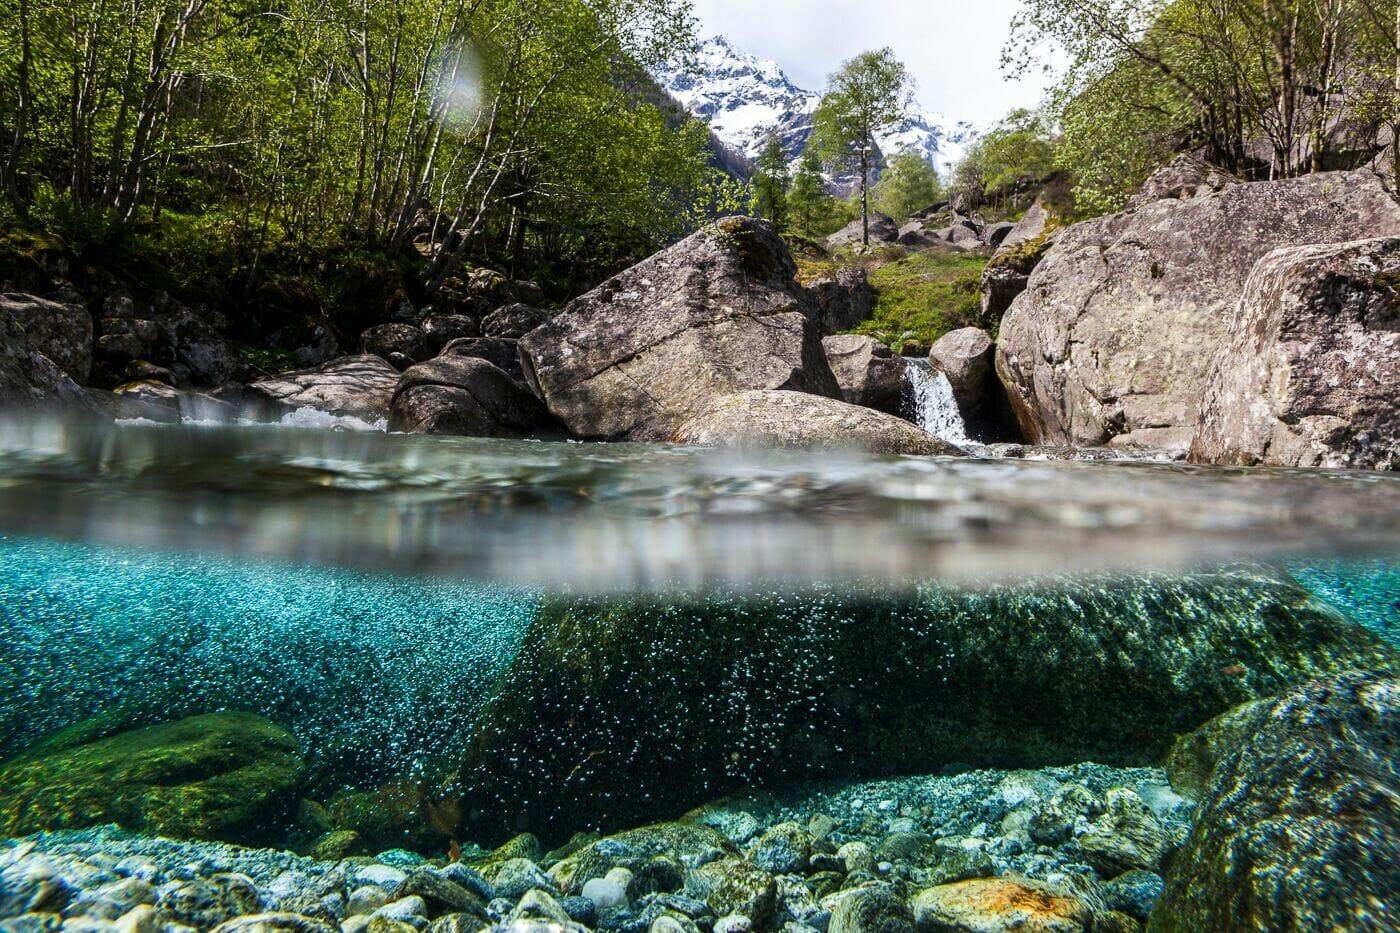 Welche Fliessgewässer sind in der Schweiz besonders schön?